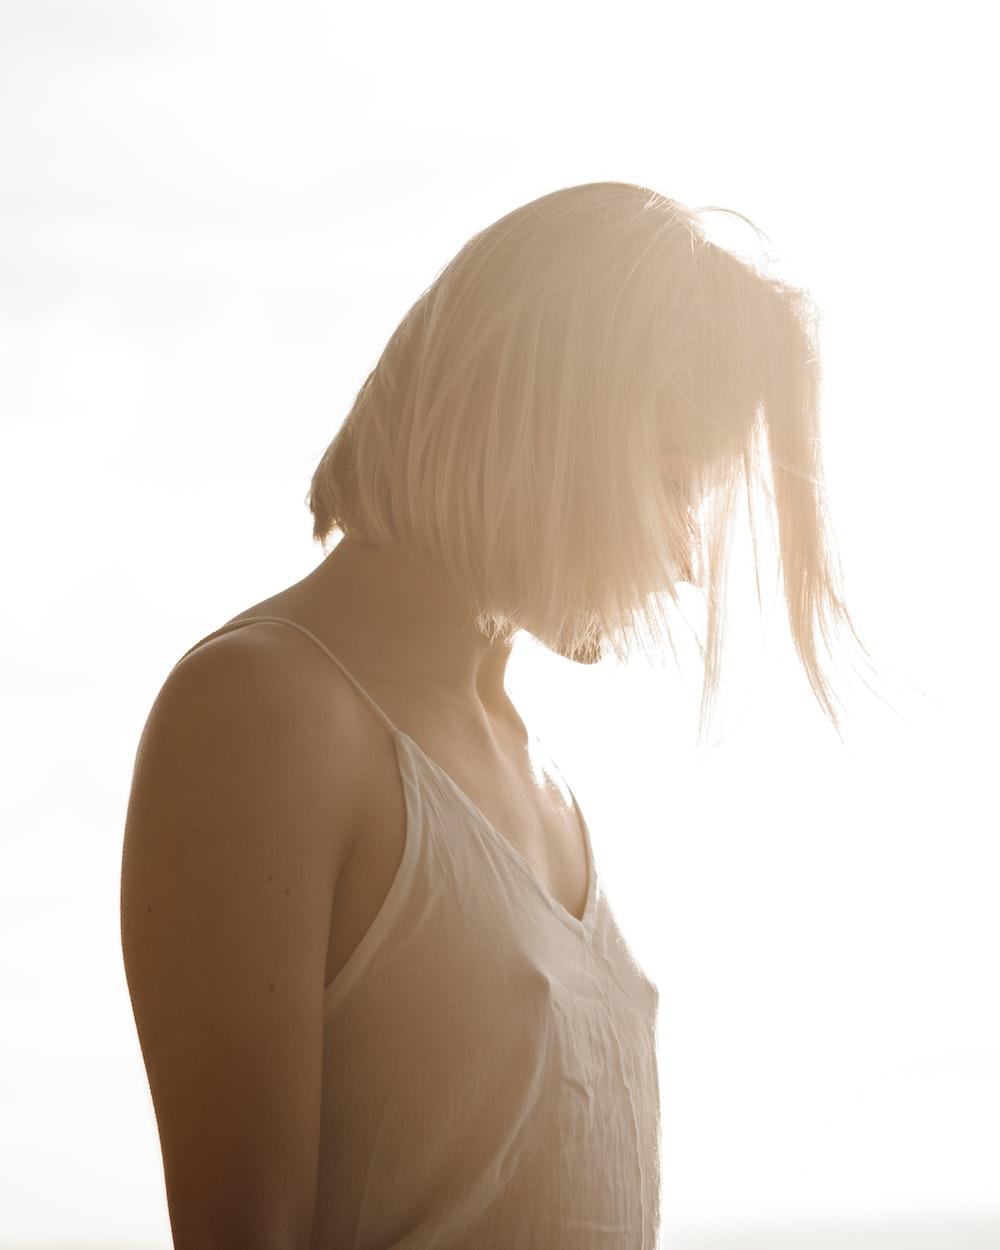 woman in white spaghetti strap top